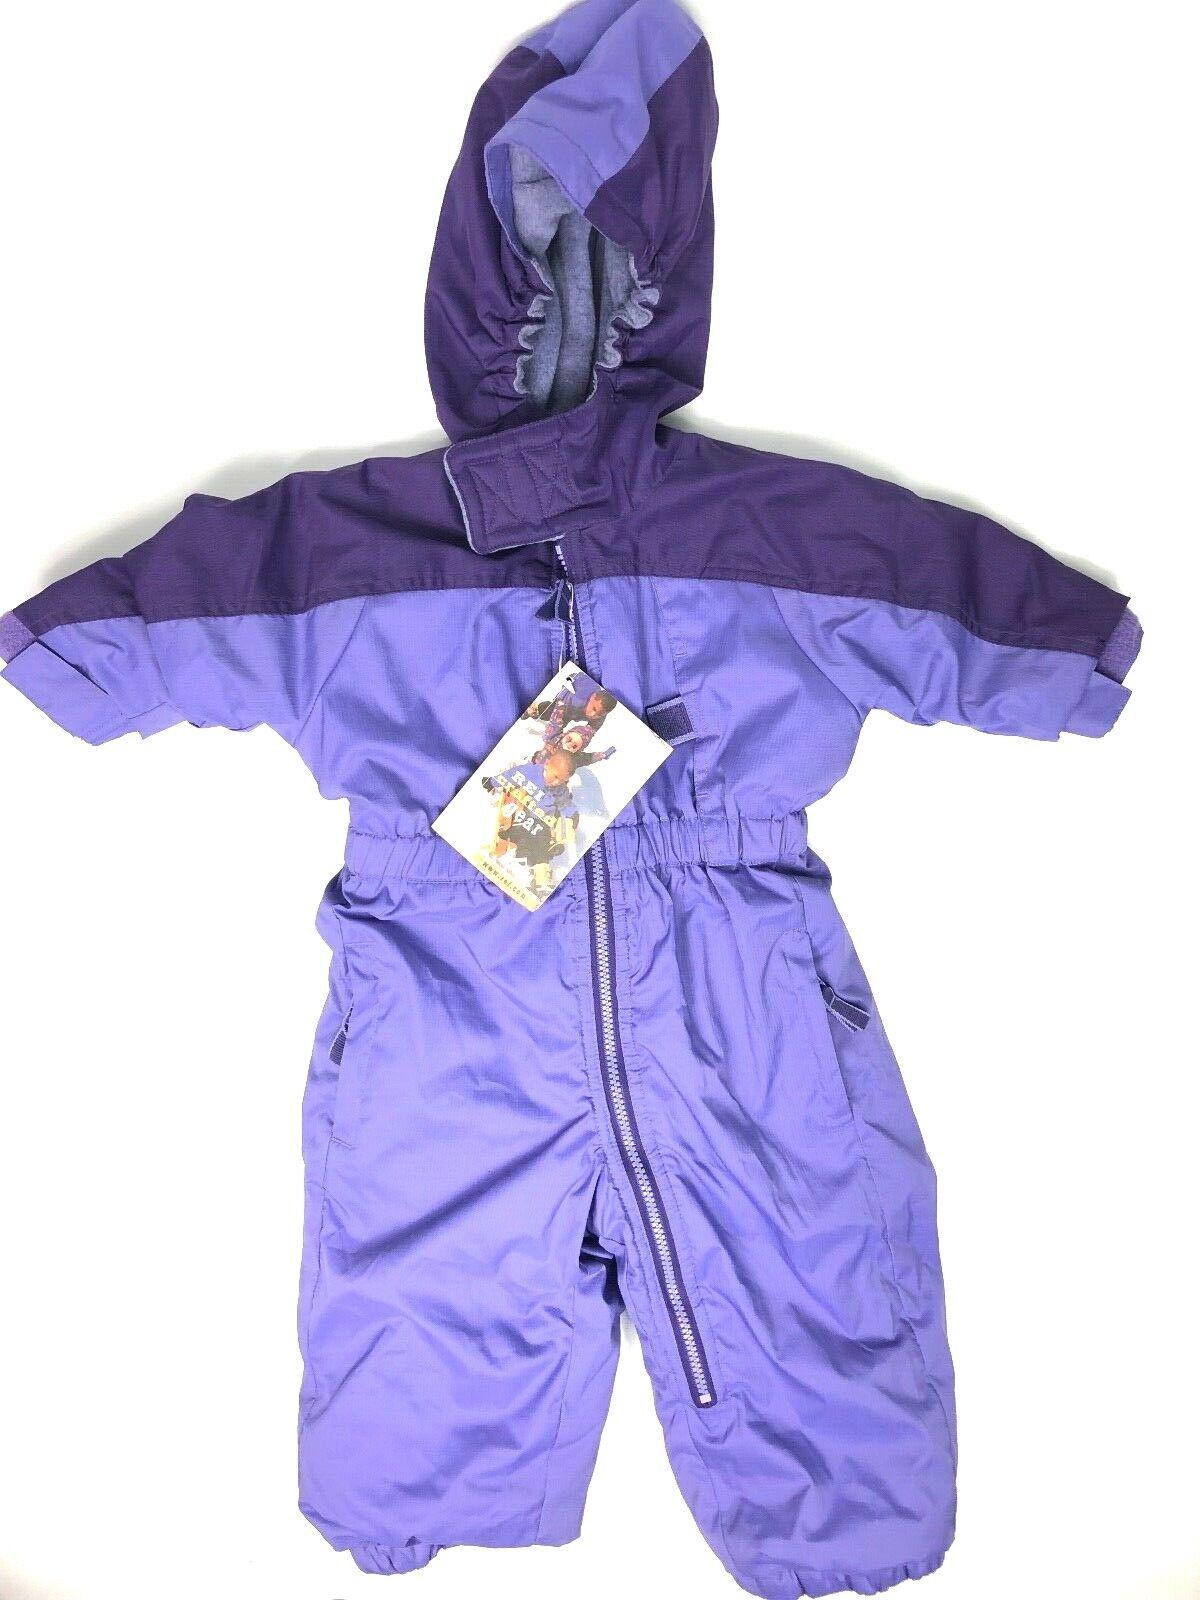 REI Infant Kids Size 18 M Purple Snow Suit Winter Activewear